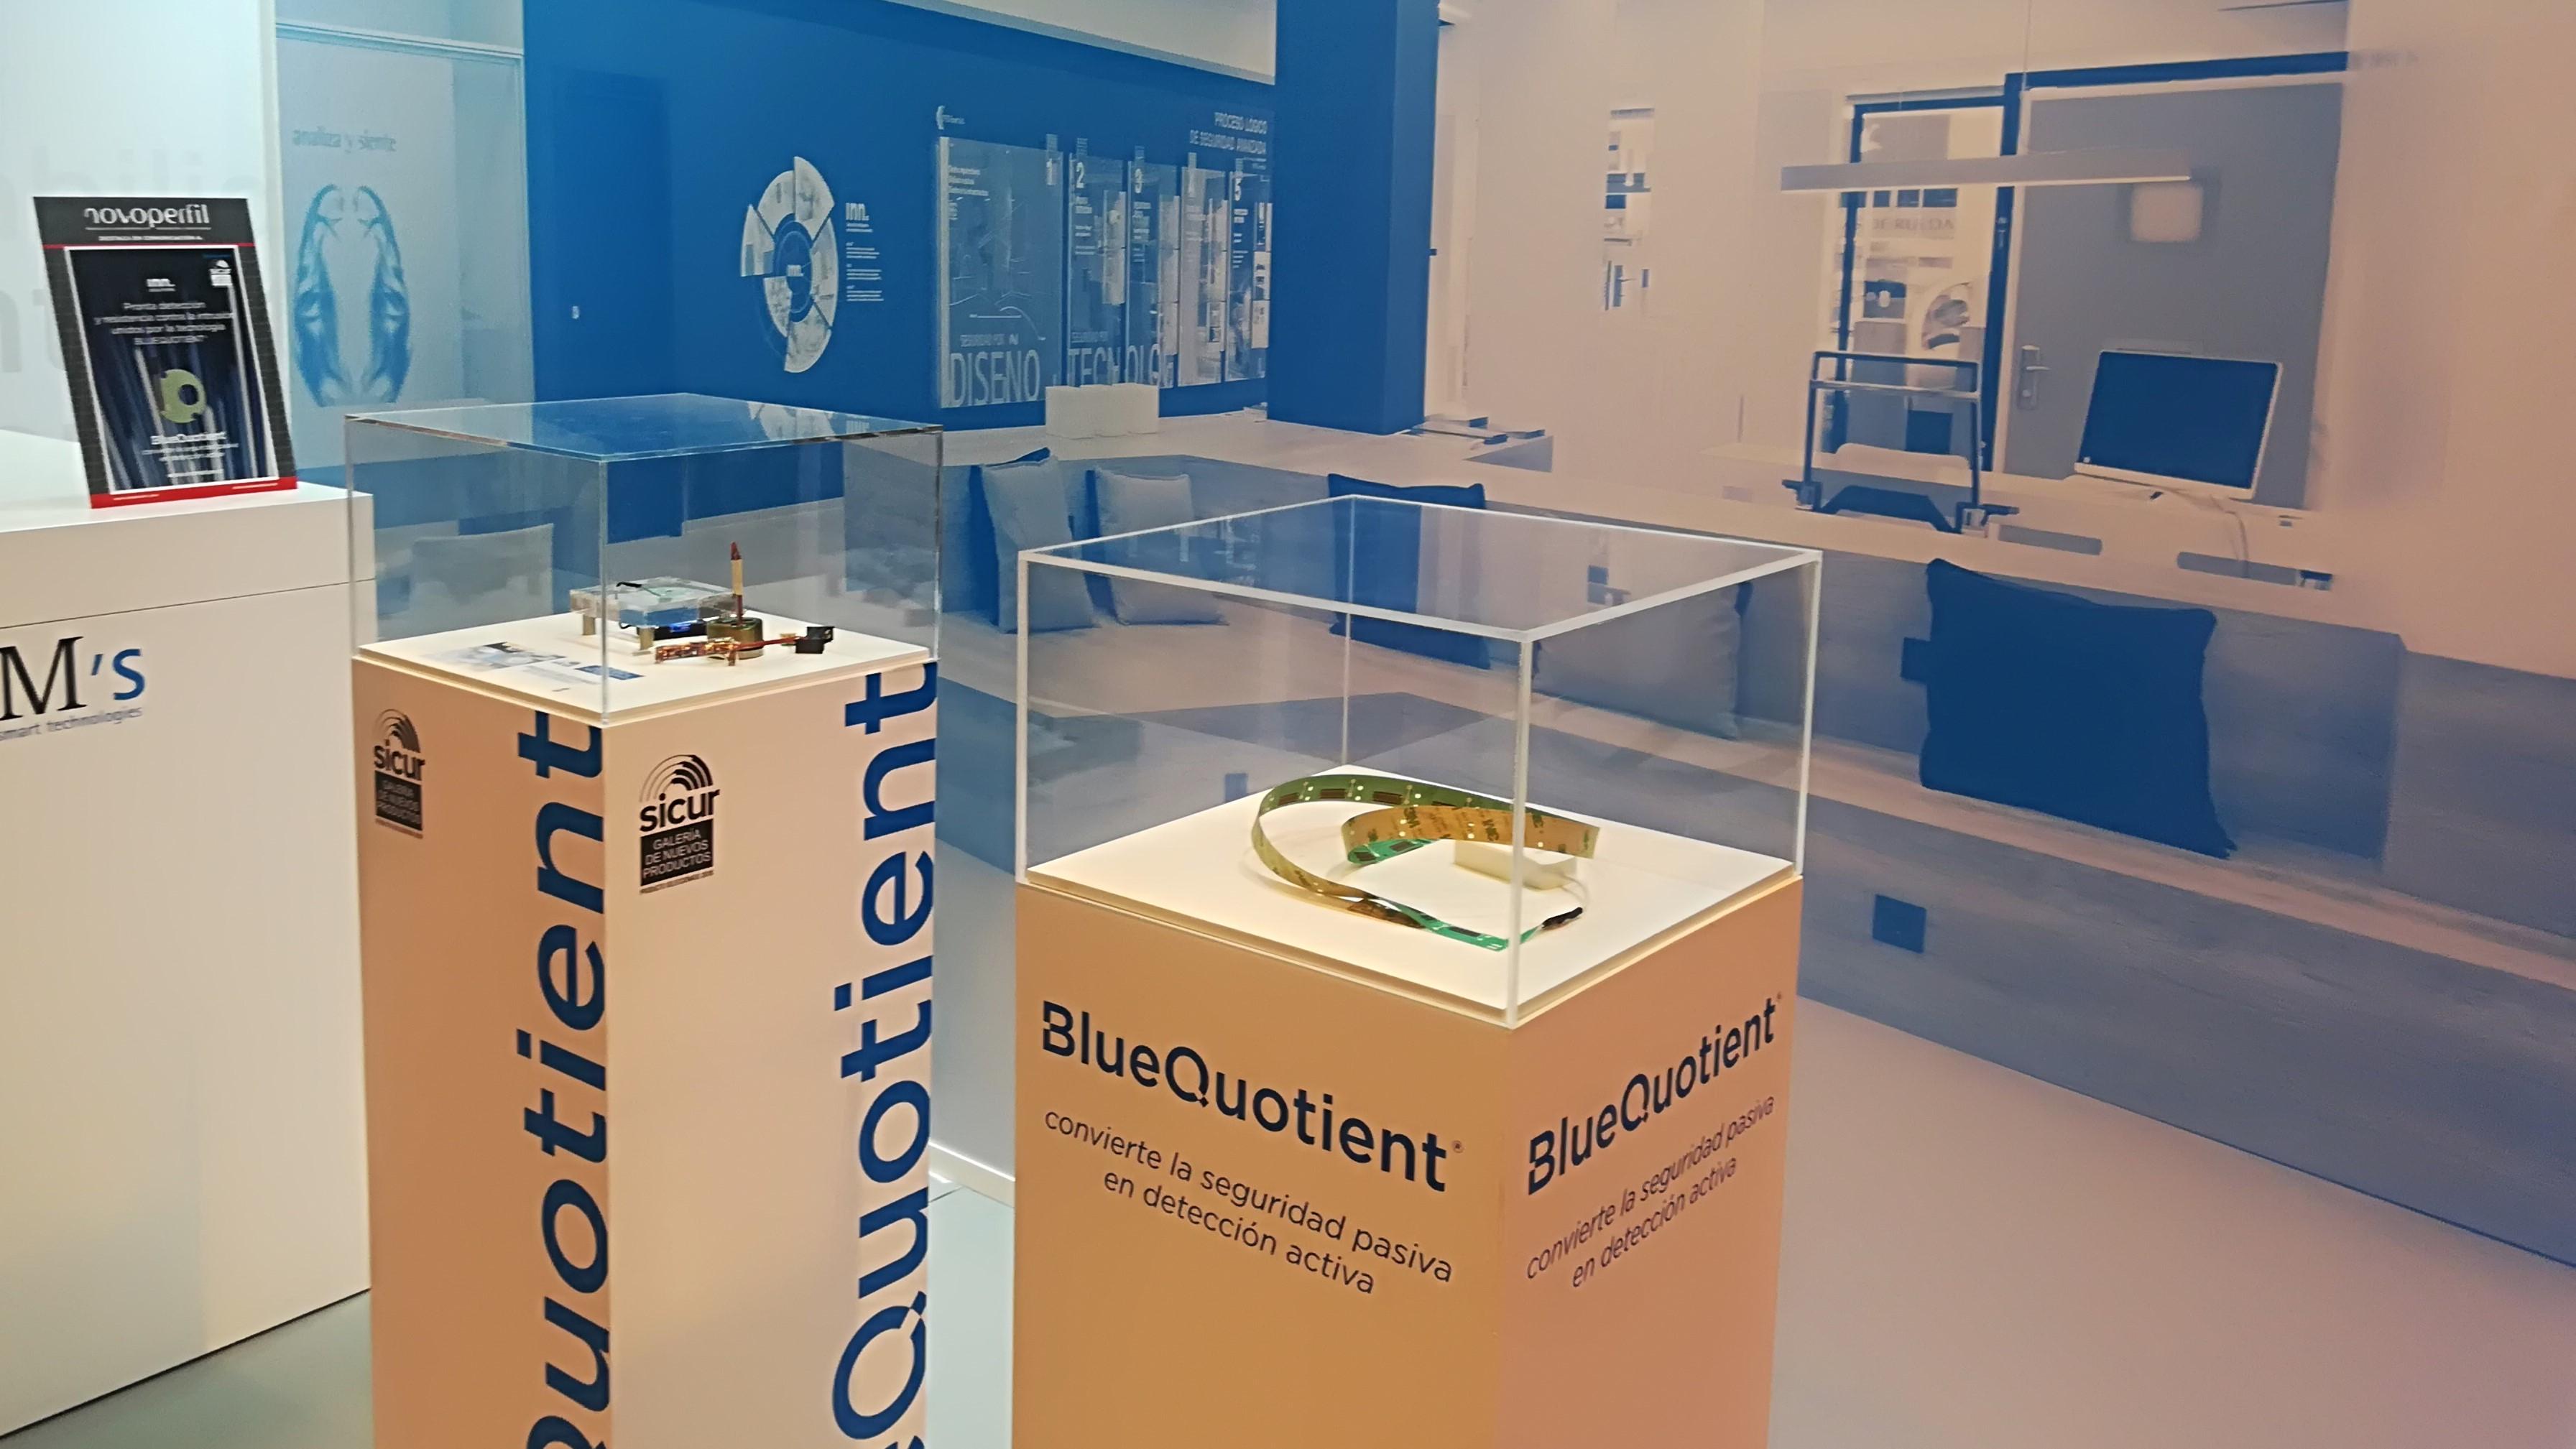 deteccion-anticipada-membrana-bluequotient